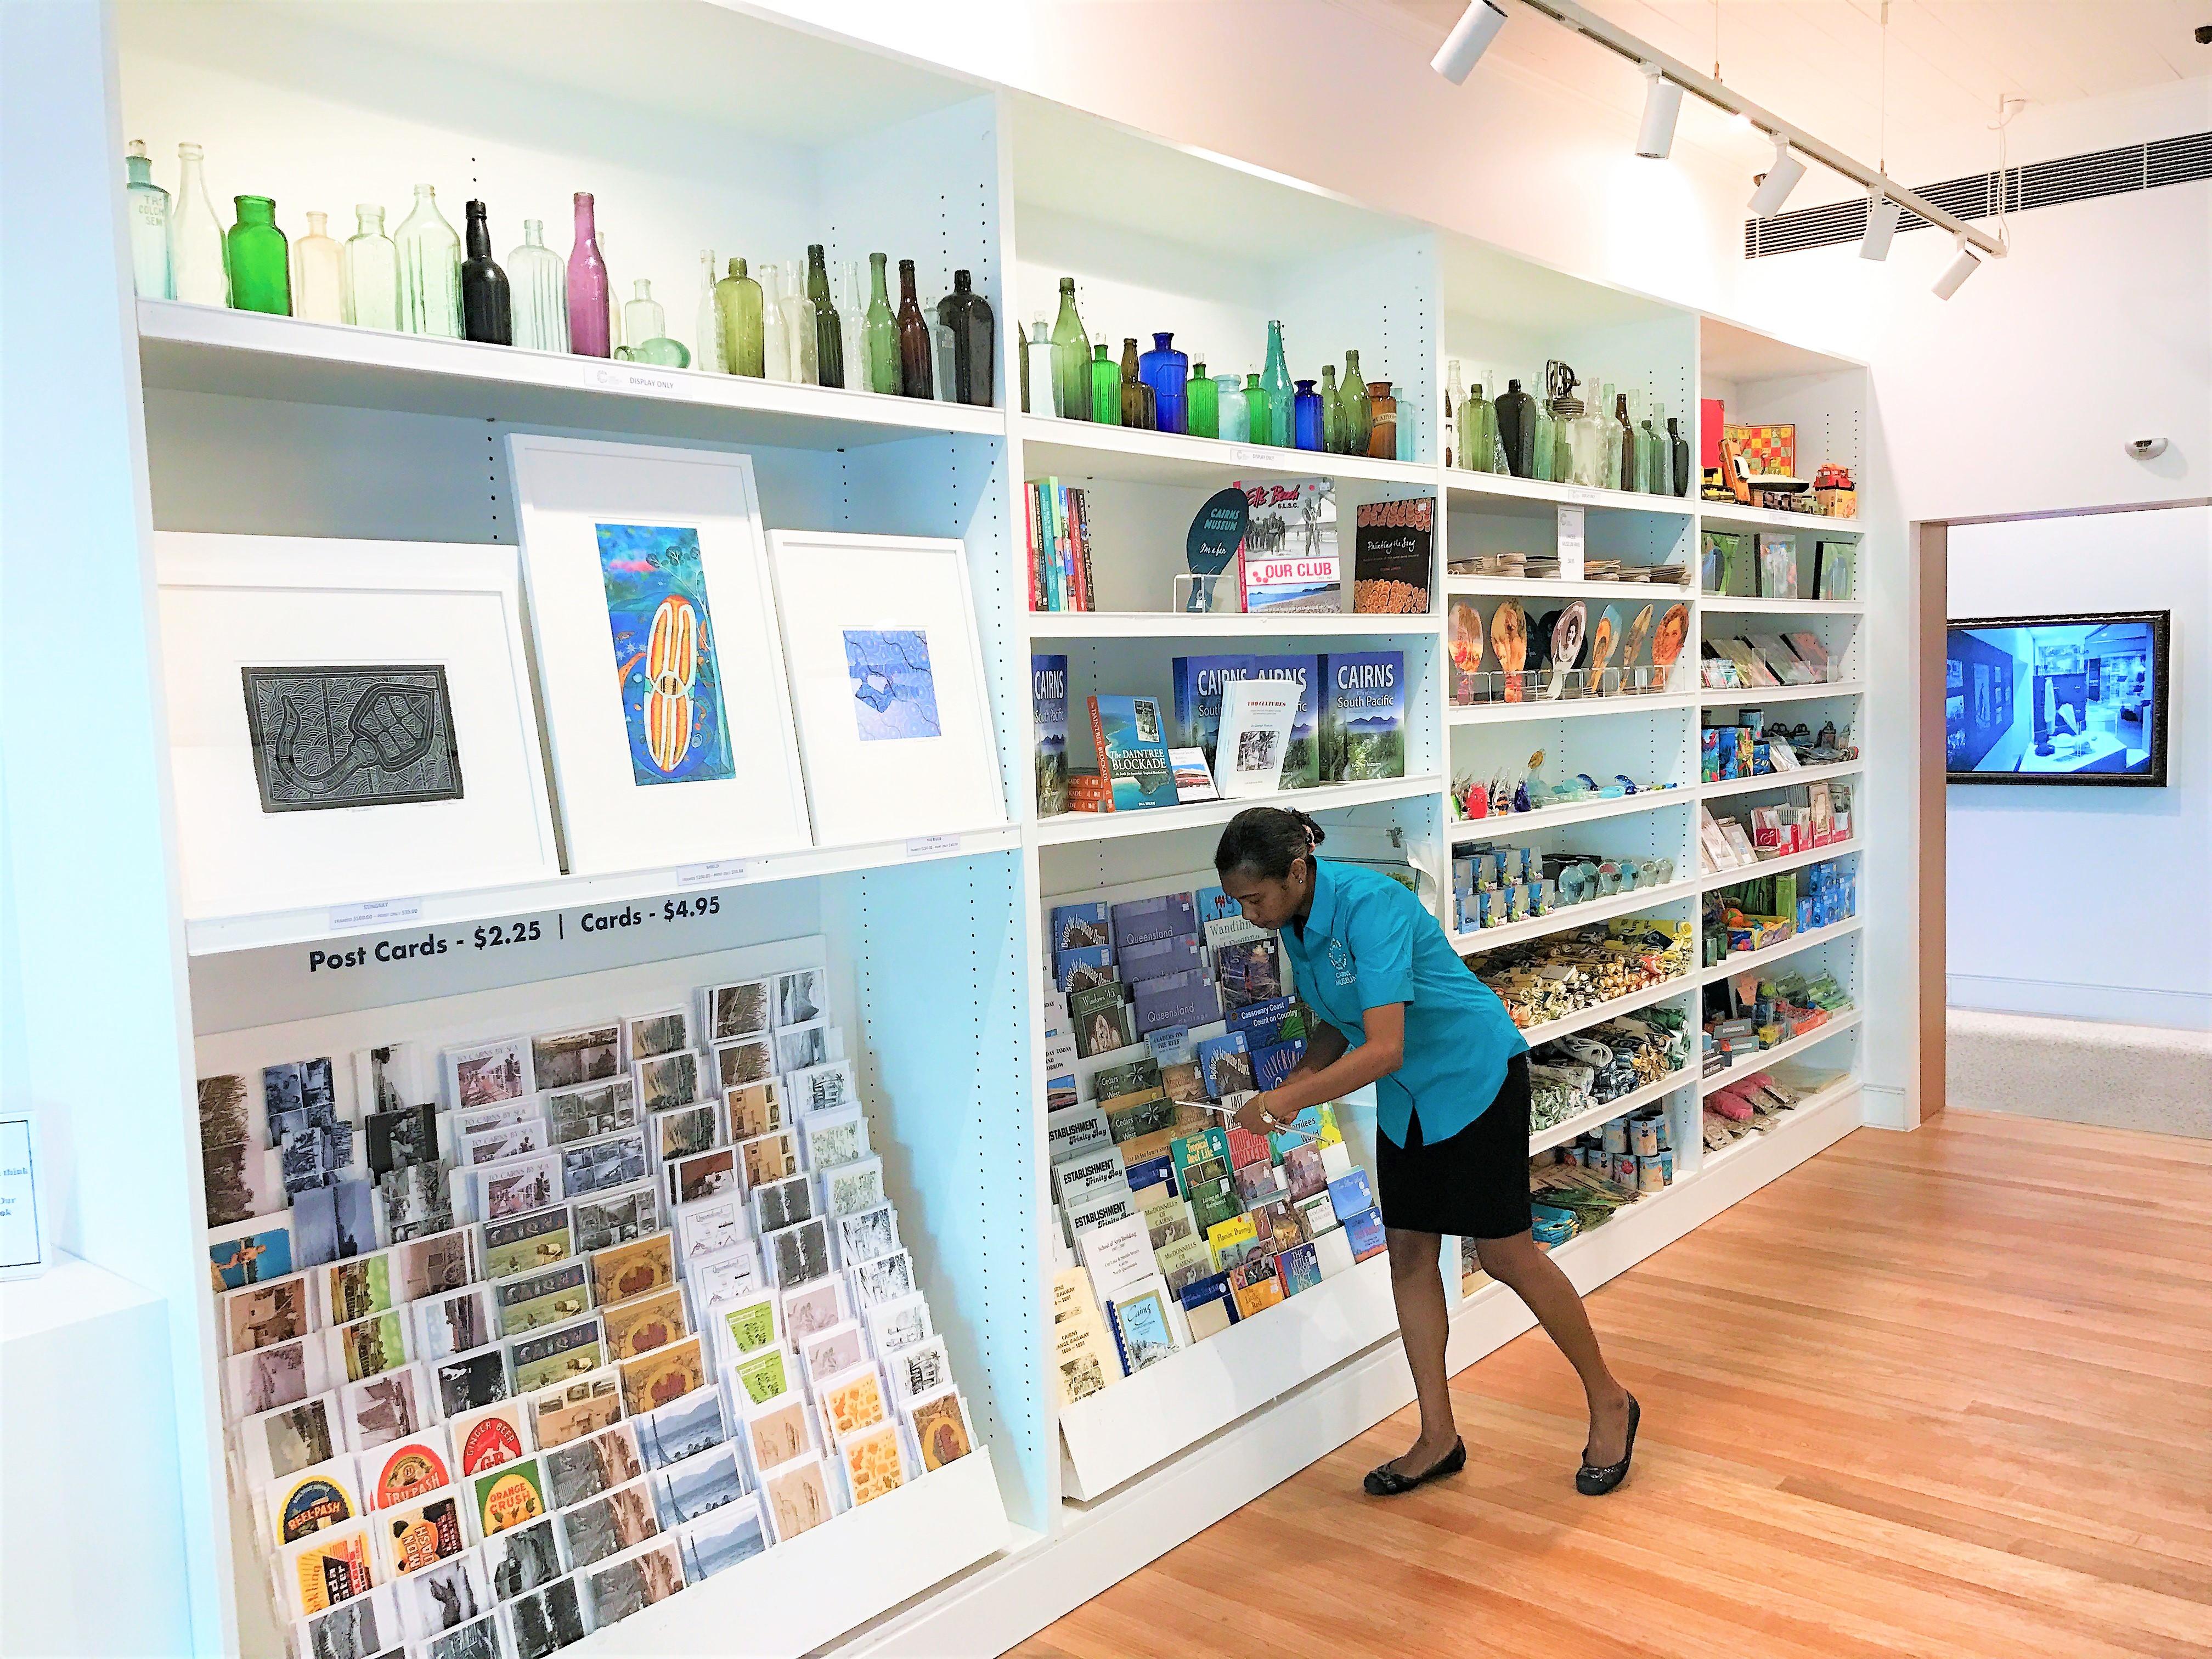 <p>ミュージアムの入口にはポストカードなどのお土産品が販売されています。</p>